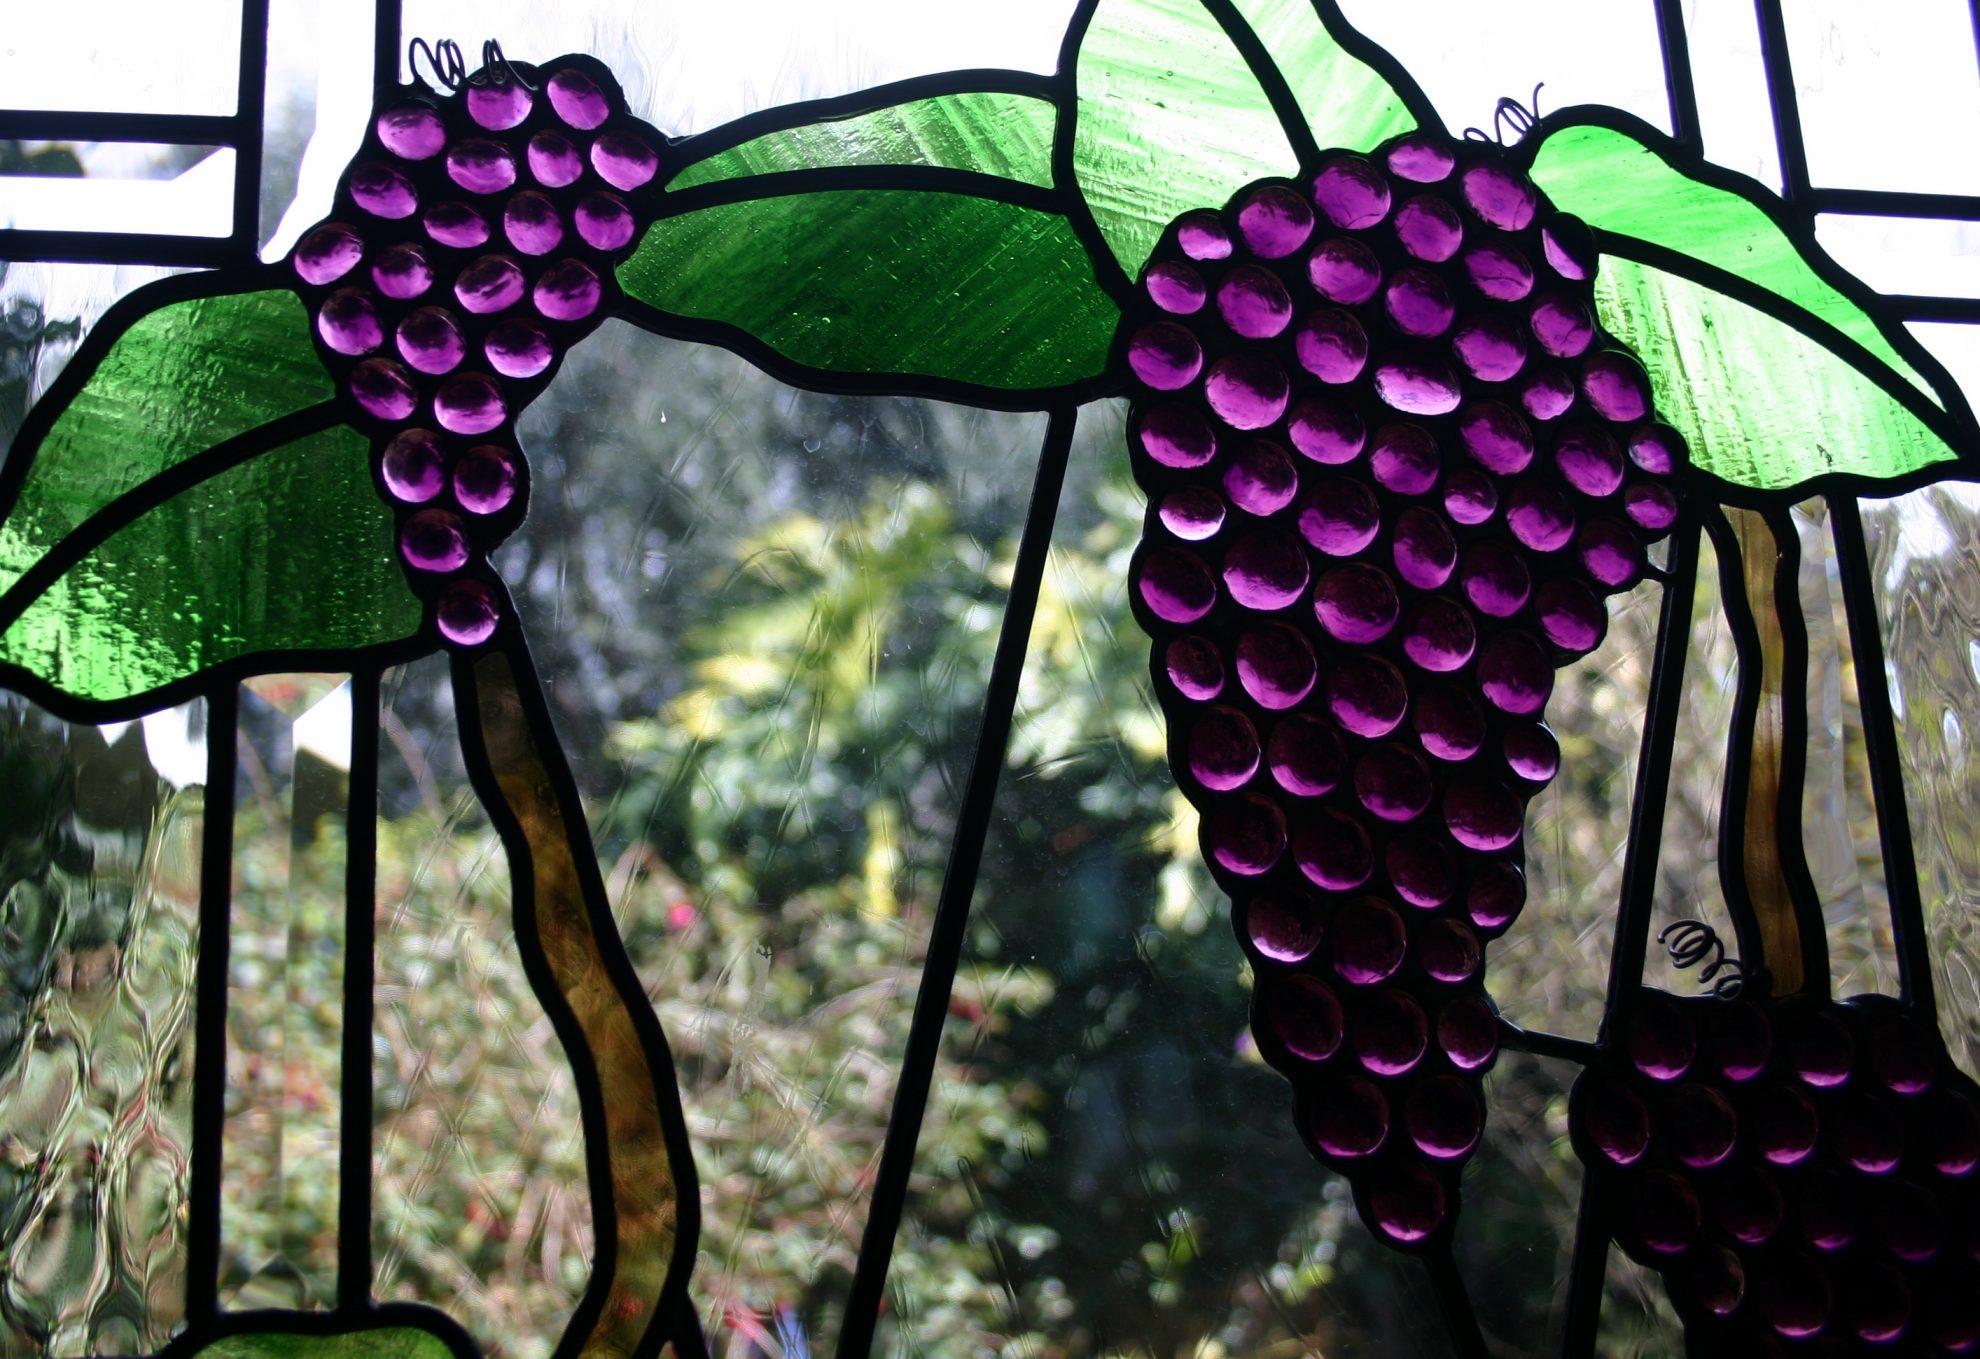 13.grape.detail